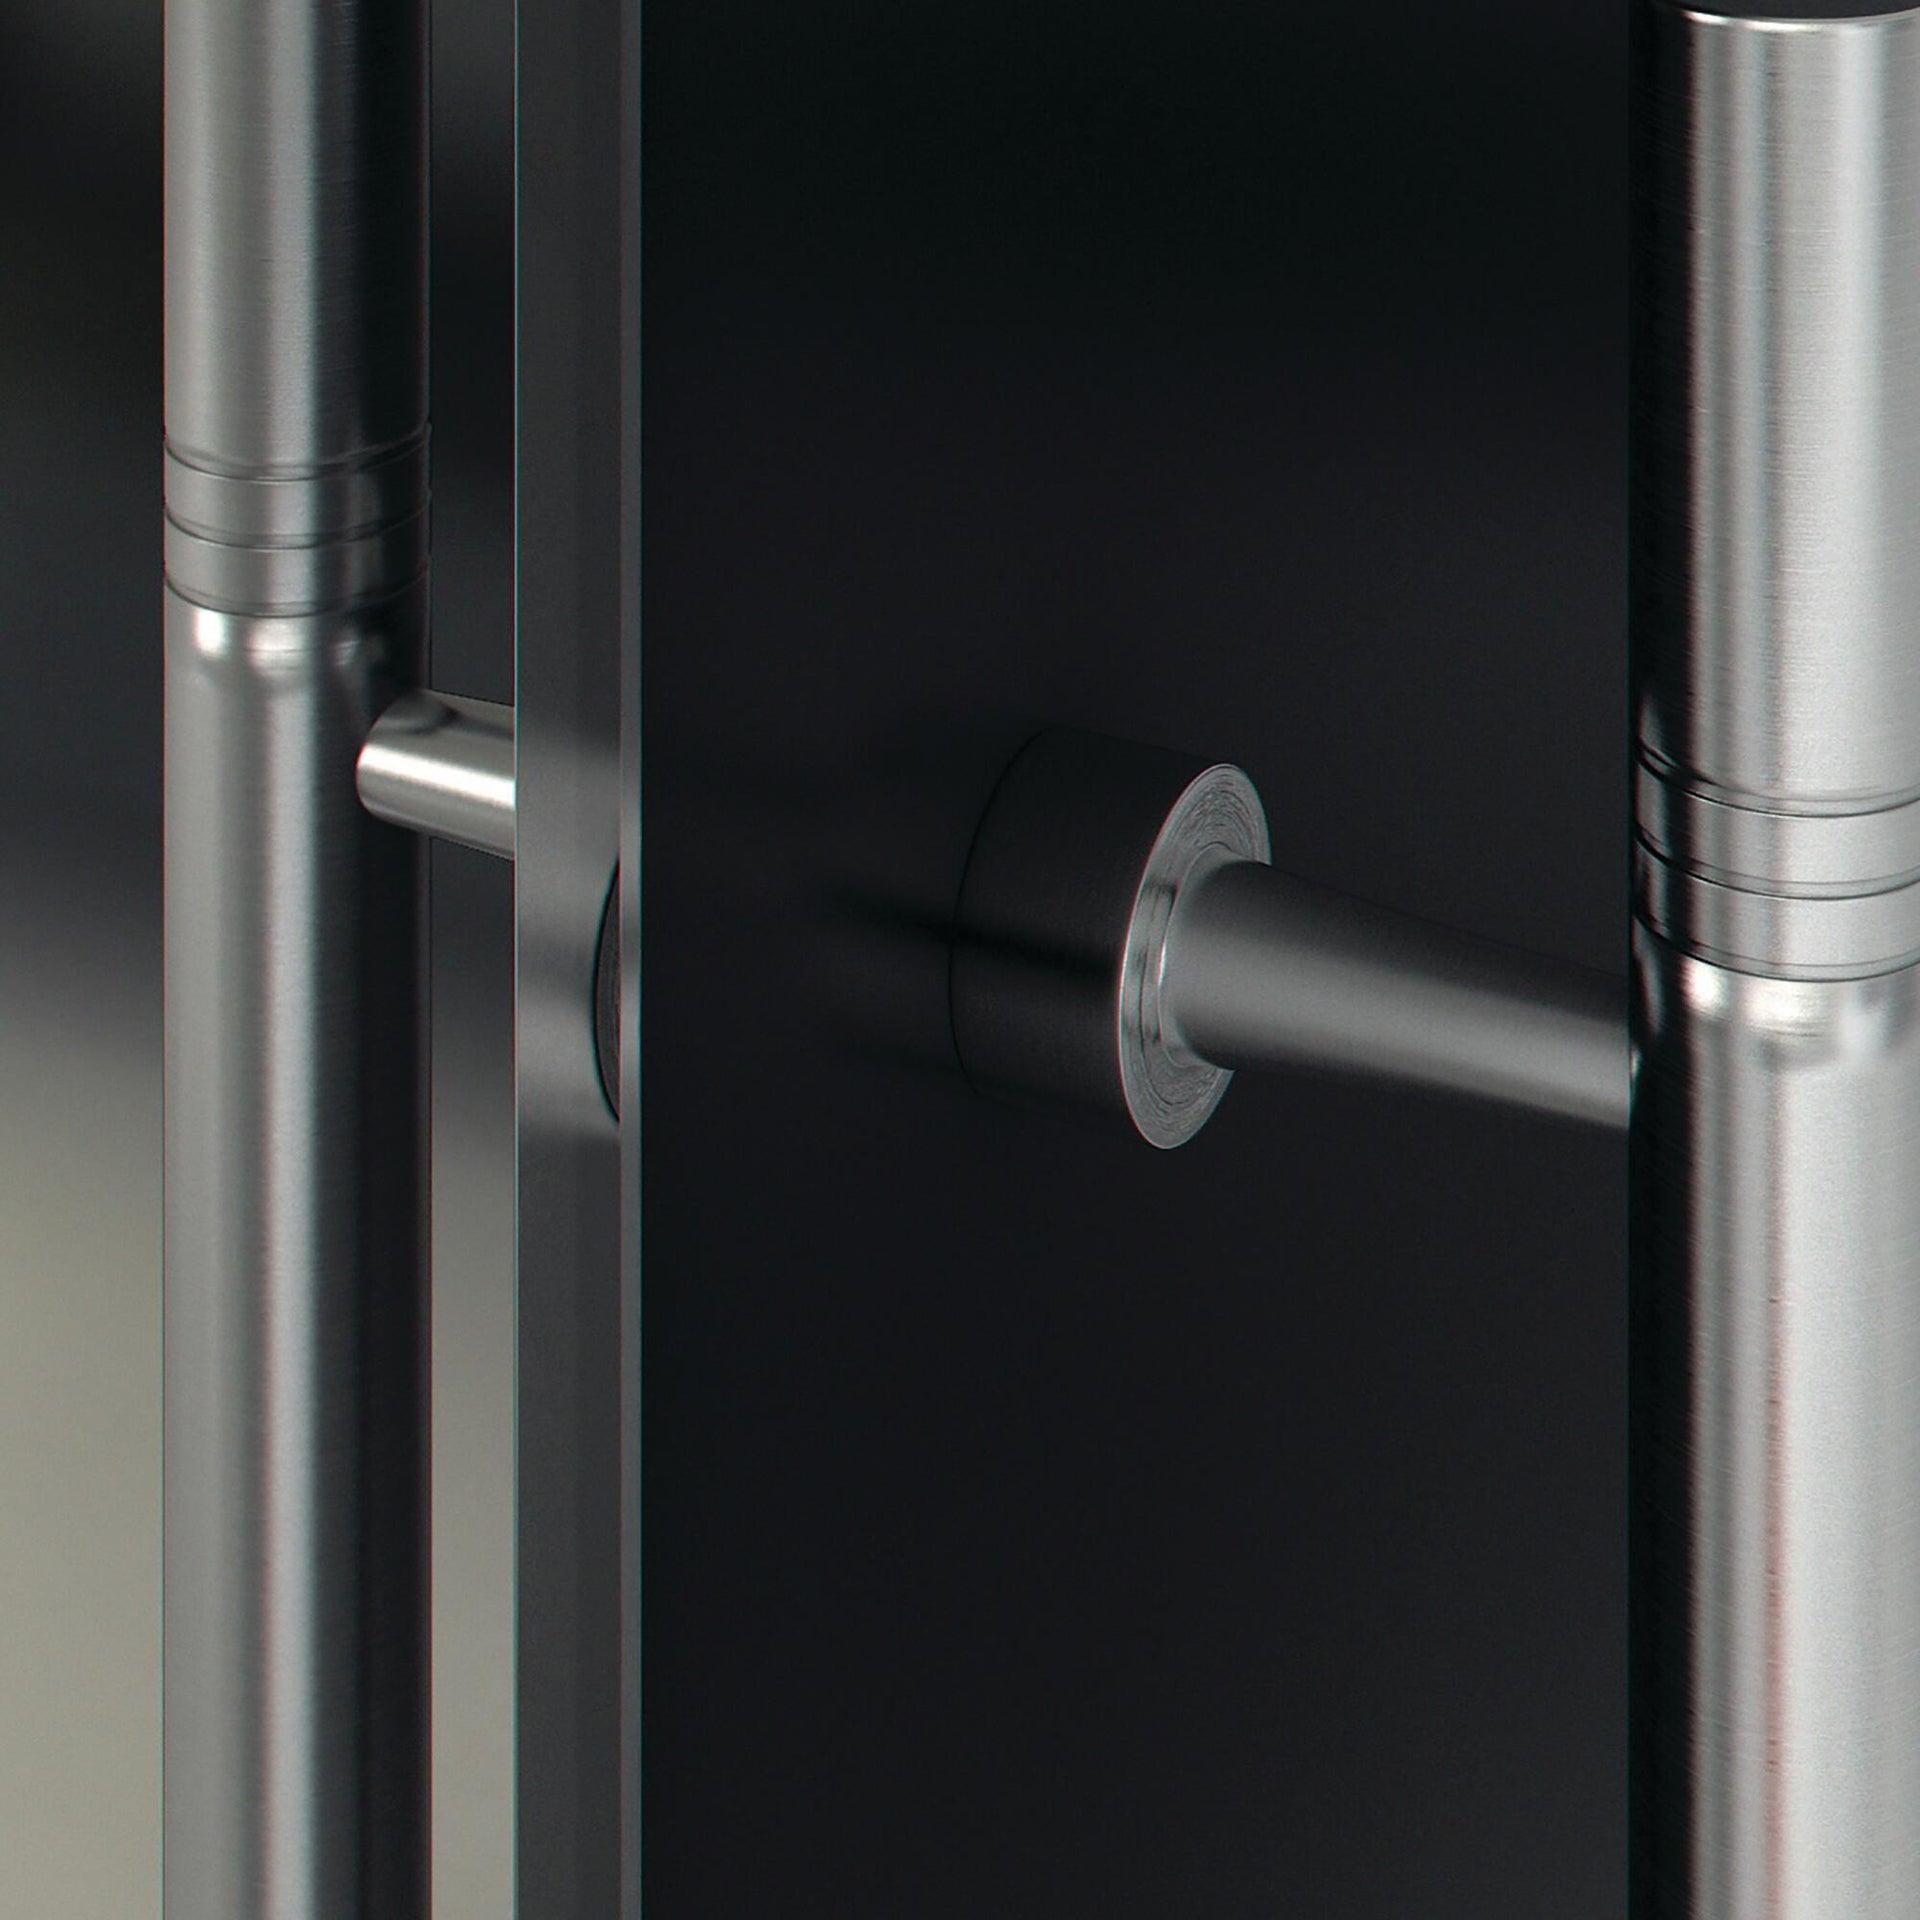 Binario per porta scorrevole Lux grigio L 2 m - 6